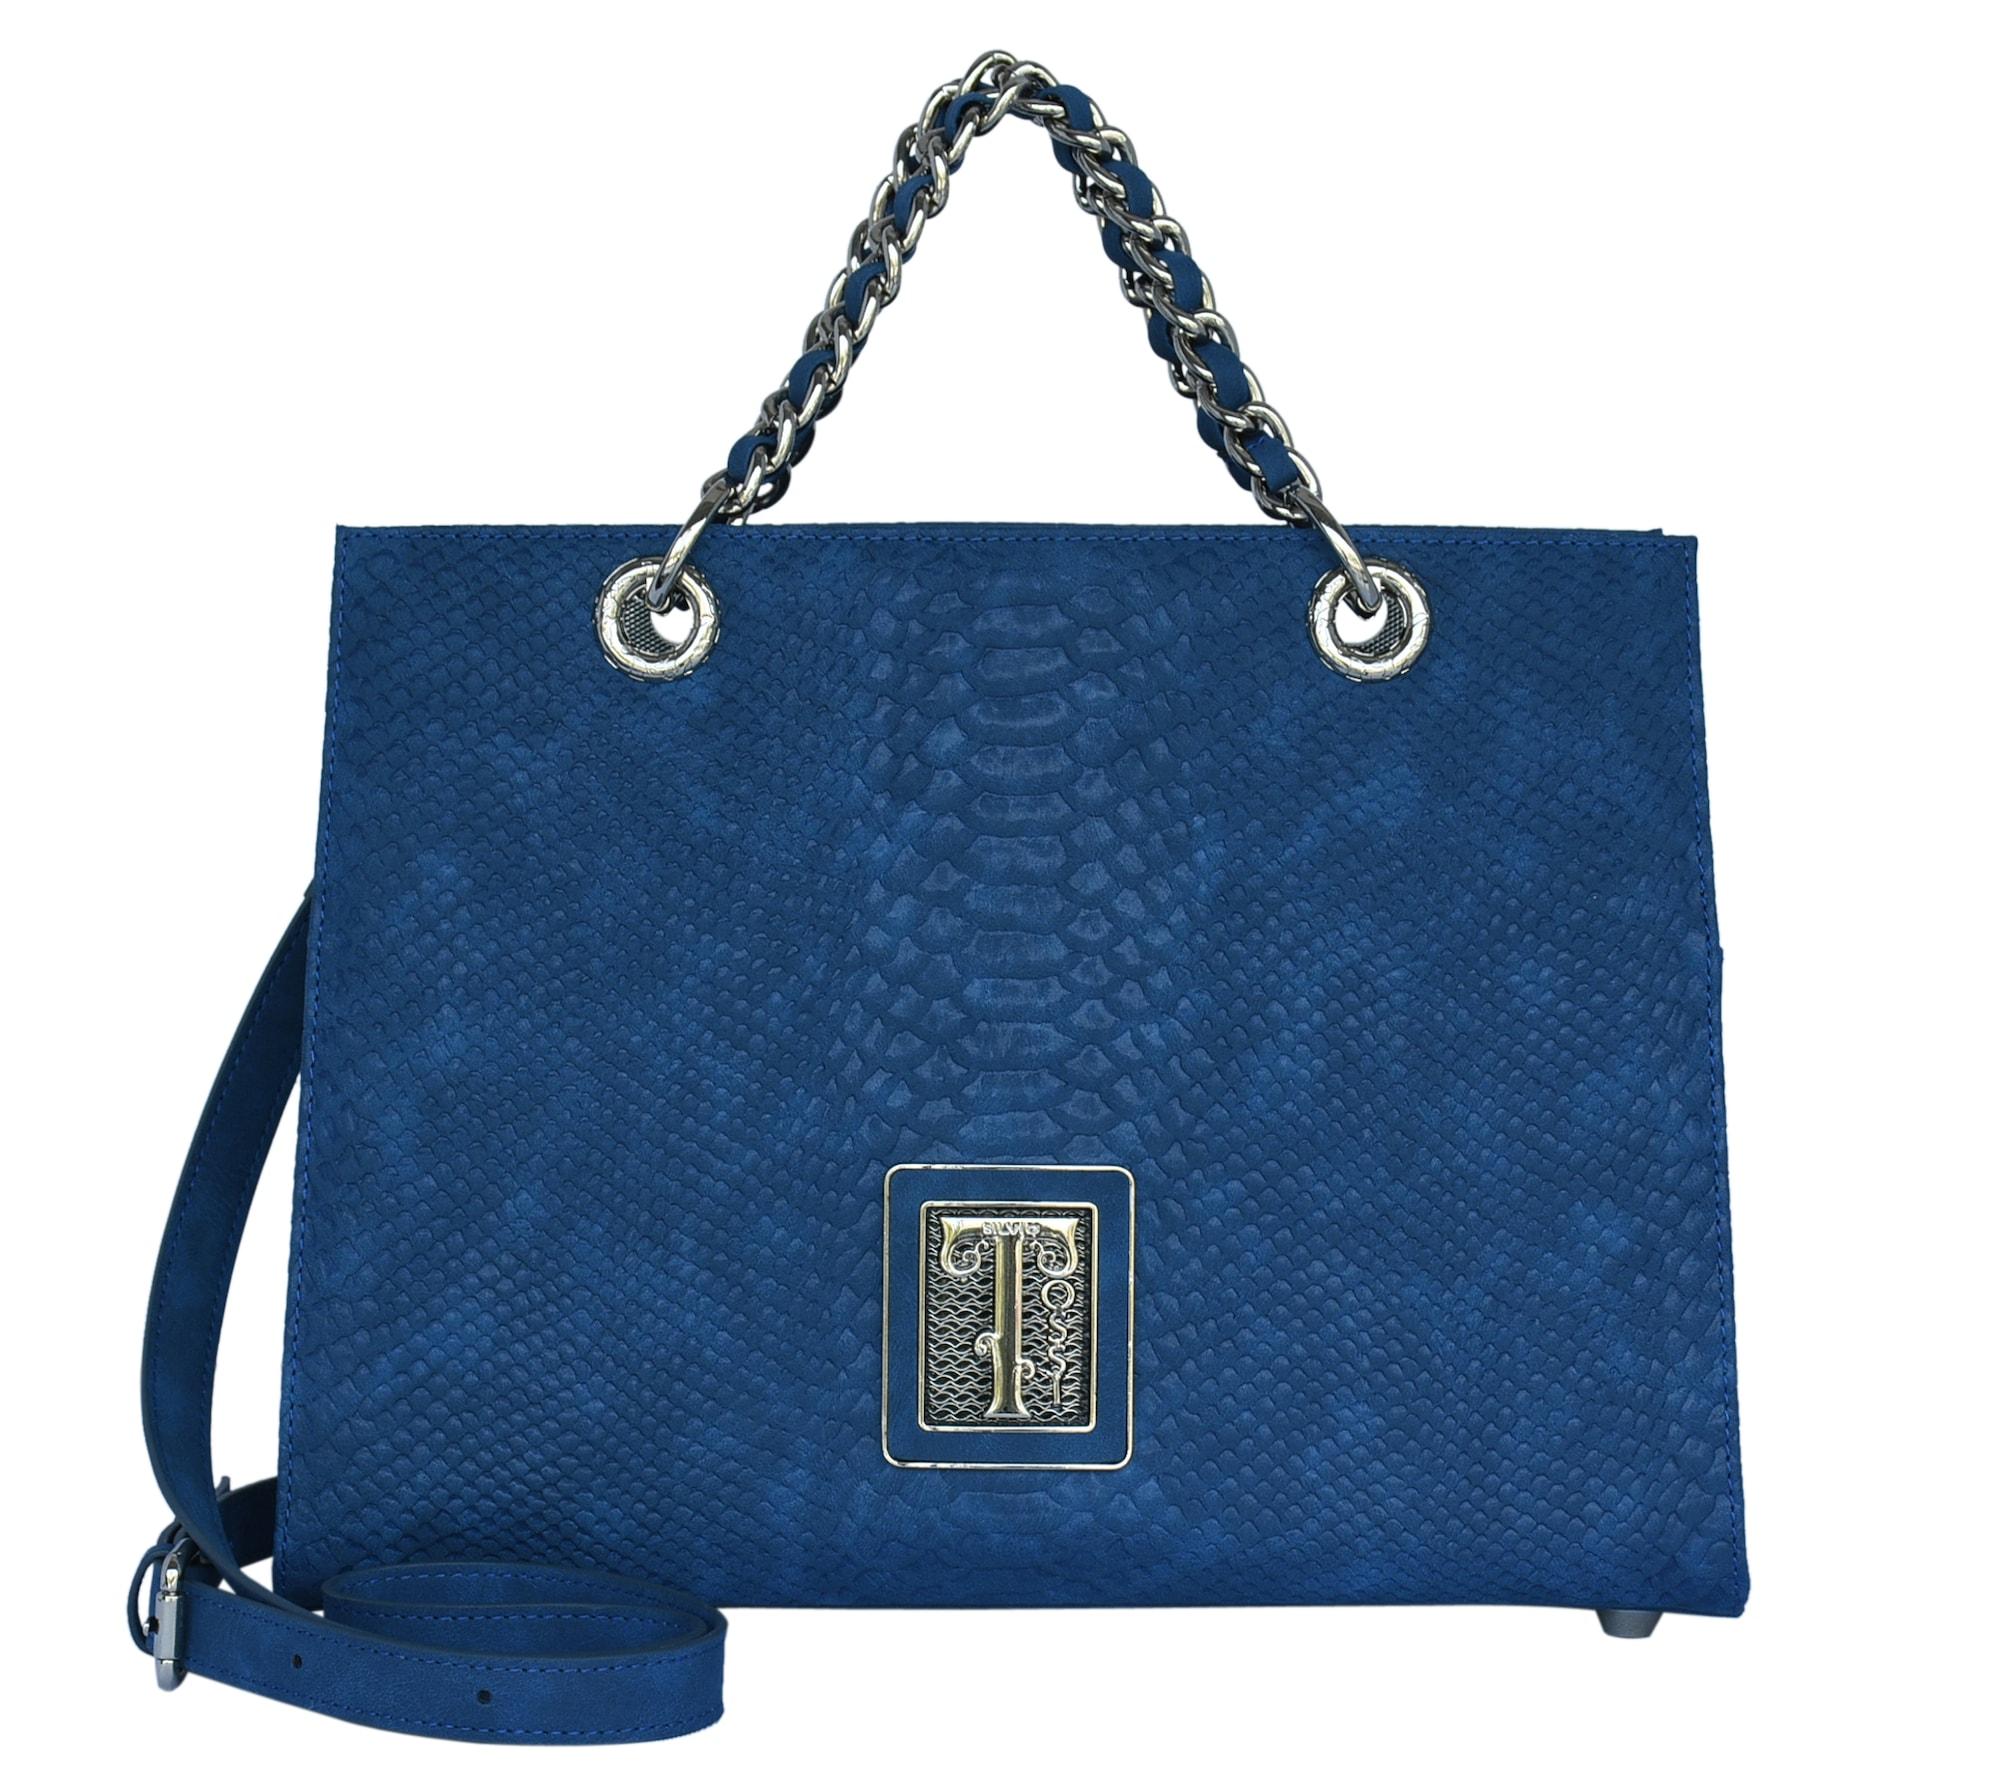 Lederhandtasche | Taschen > Handtaschen > Ledertaschen | Silvio Tossi